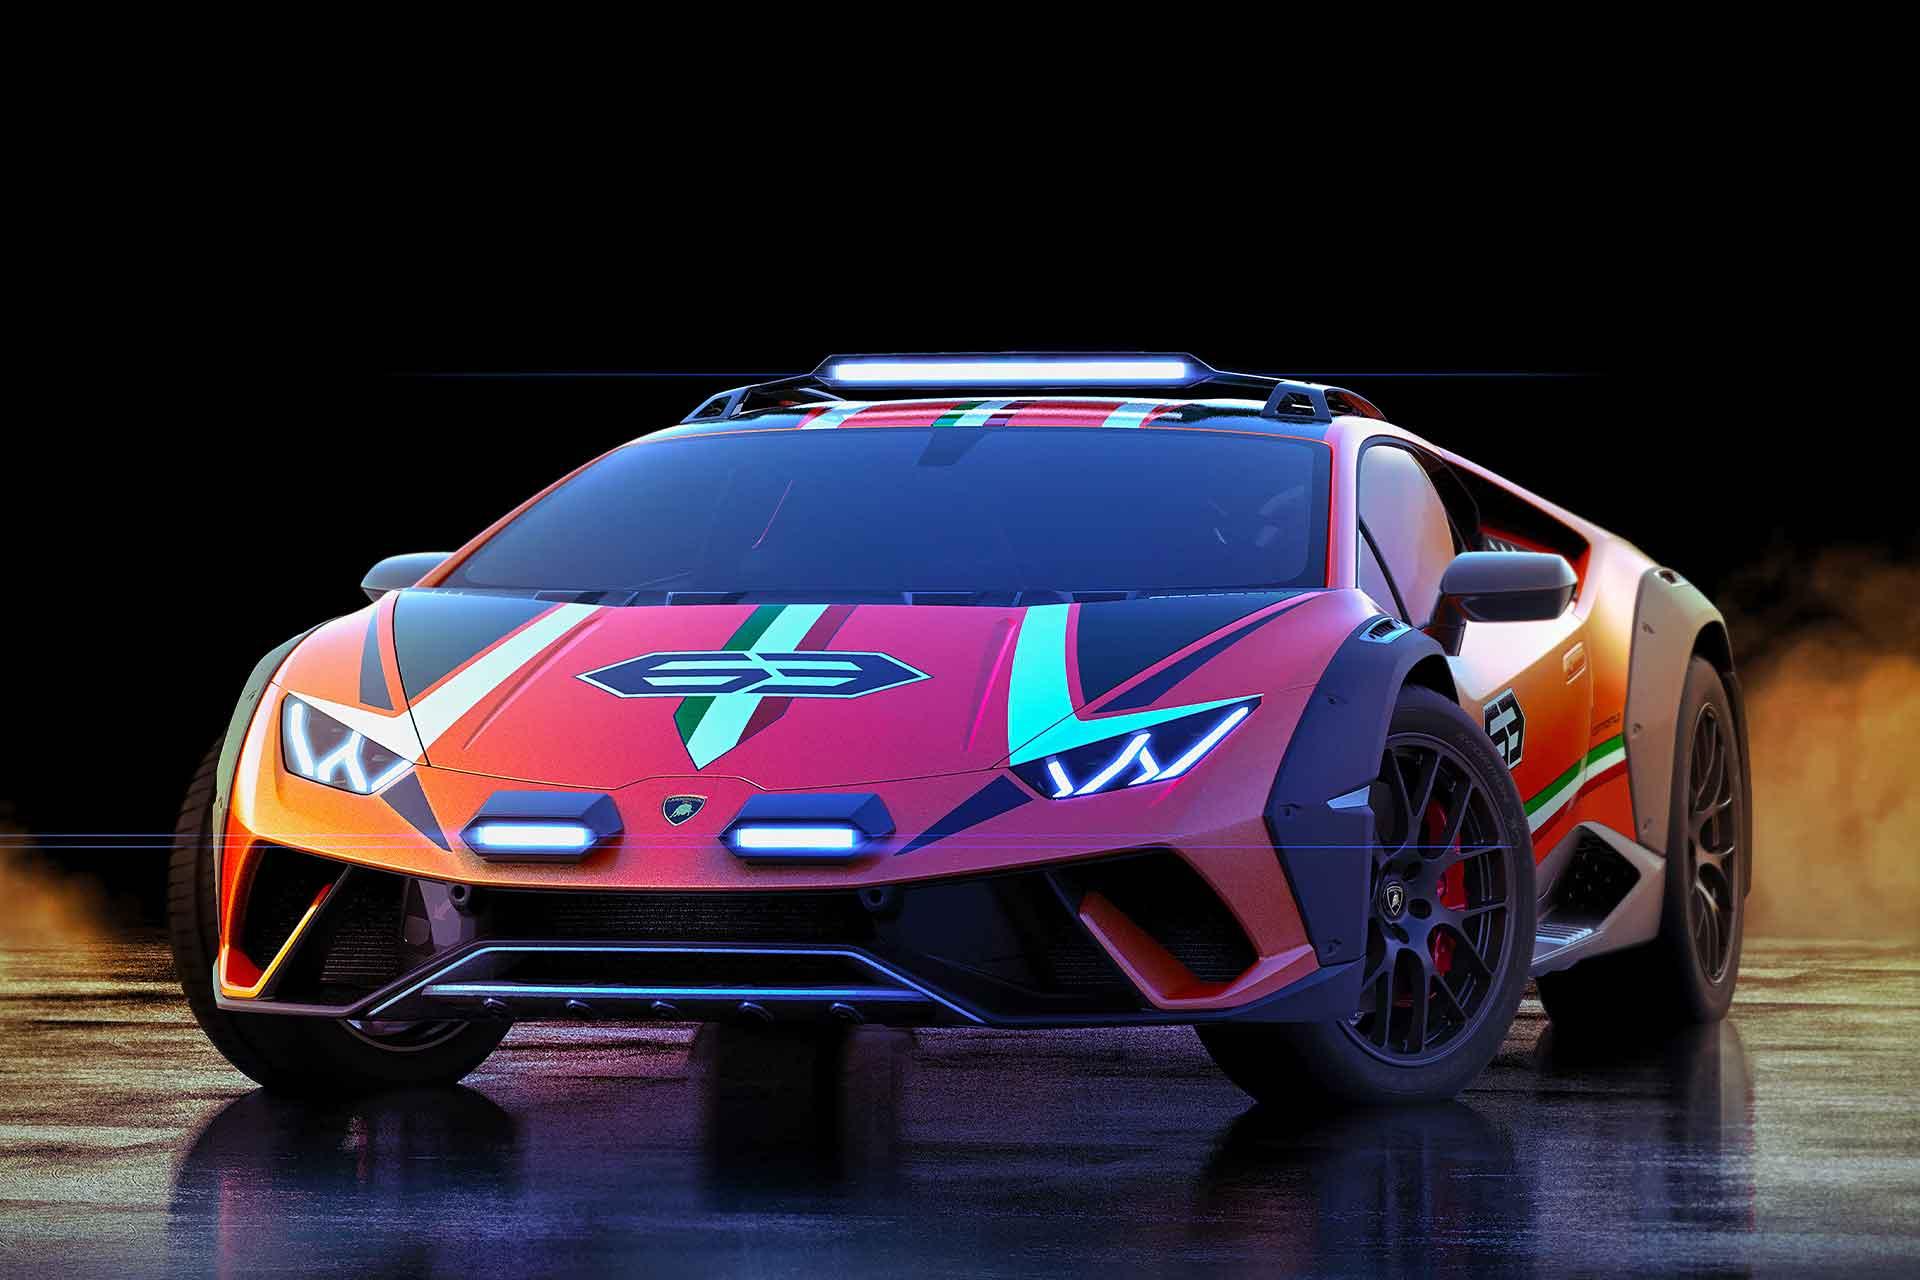 Lamborghini Huracán Sterrato Off-Road Concept